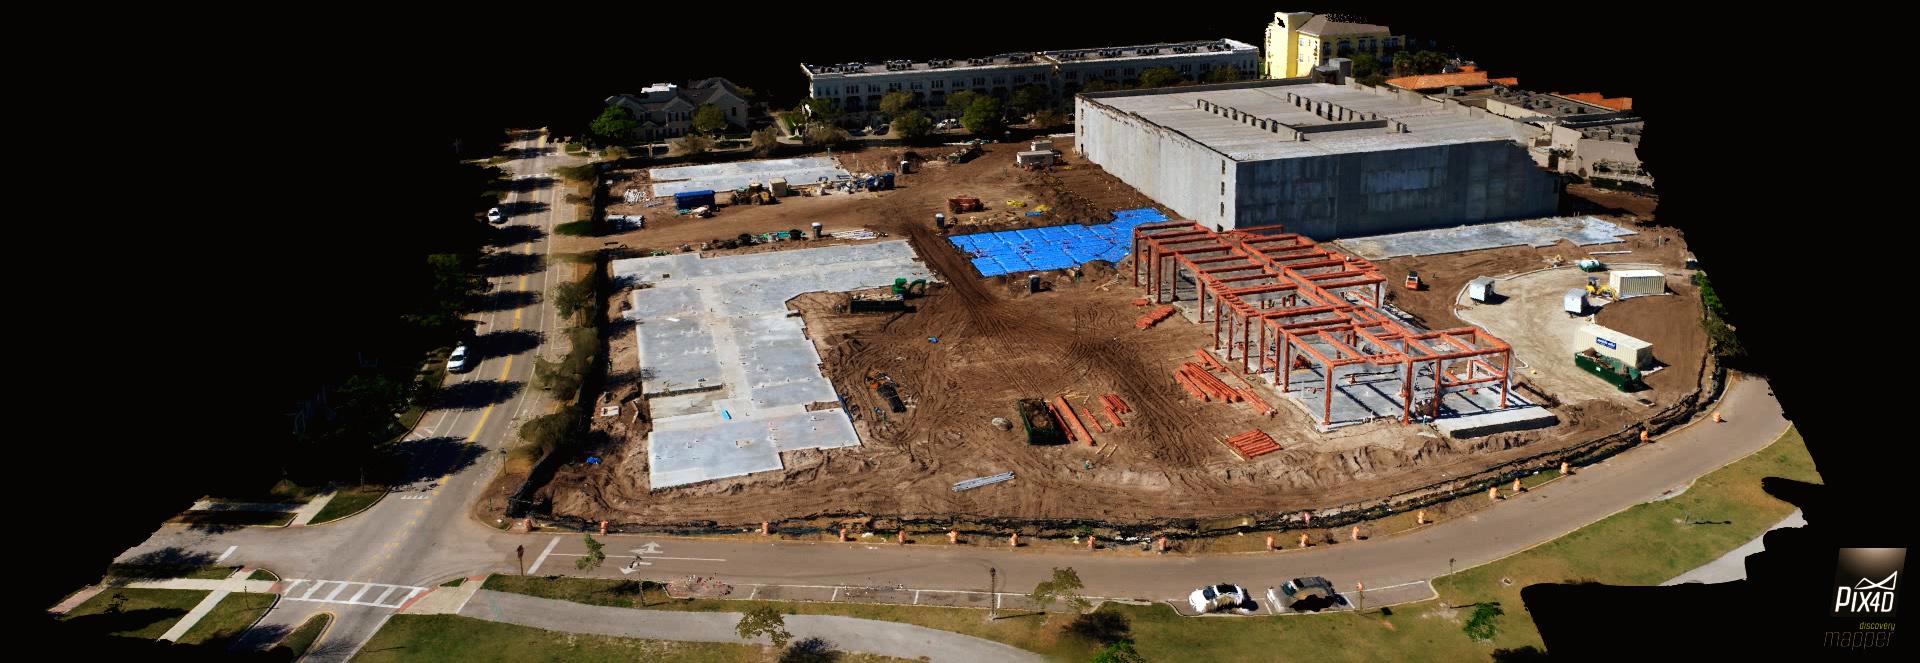 Still_construction.jpg